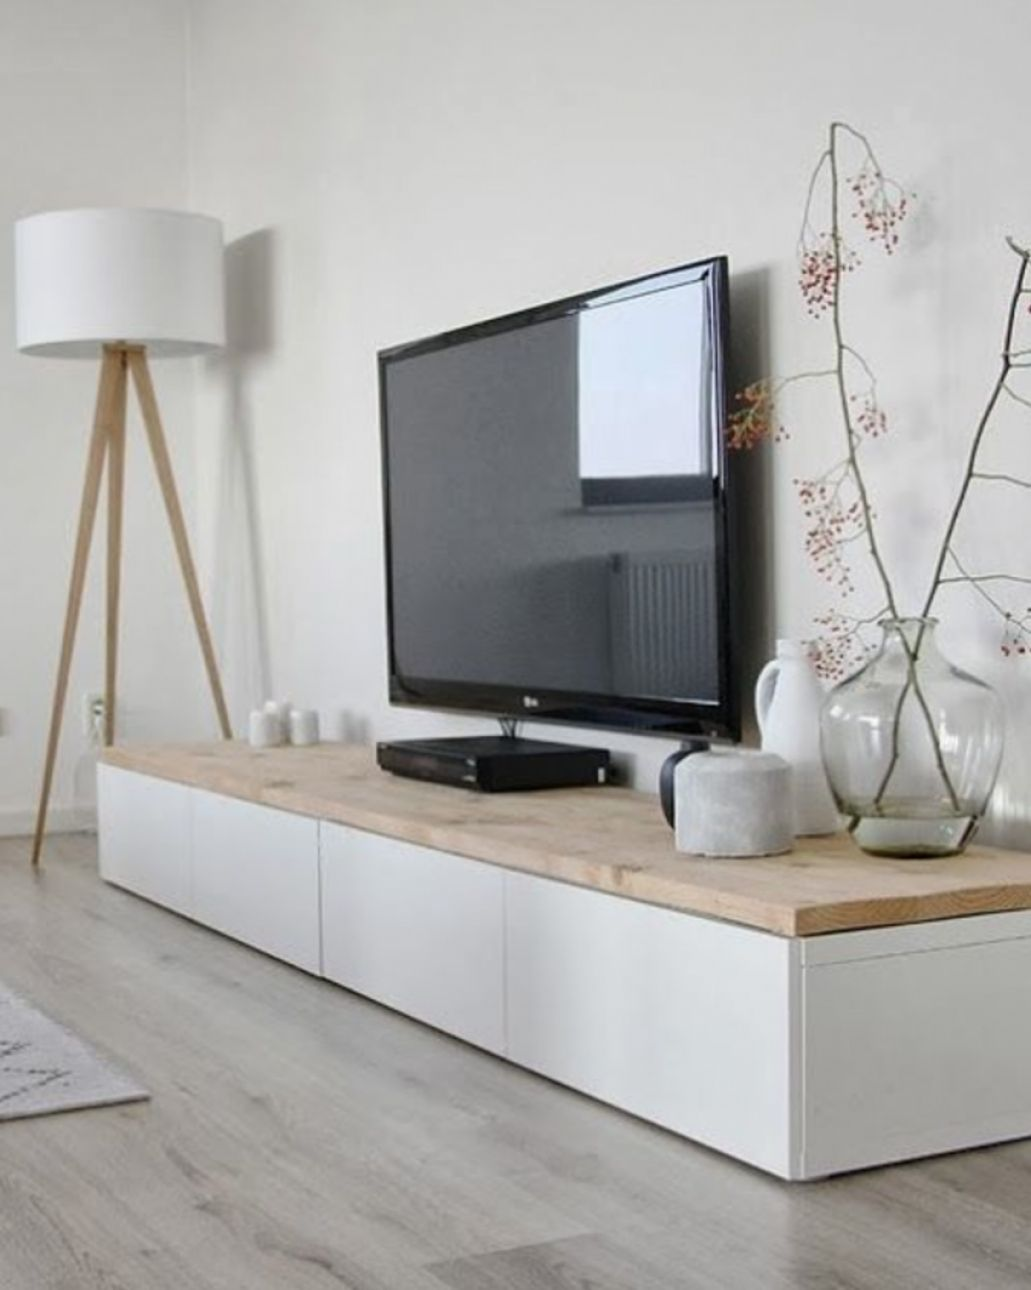 Image Result For Design Tv Bank Stehlampe Design Skandinavisches Design Wohnzimmer Ideen